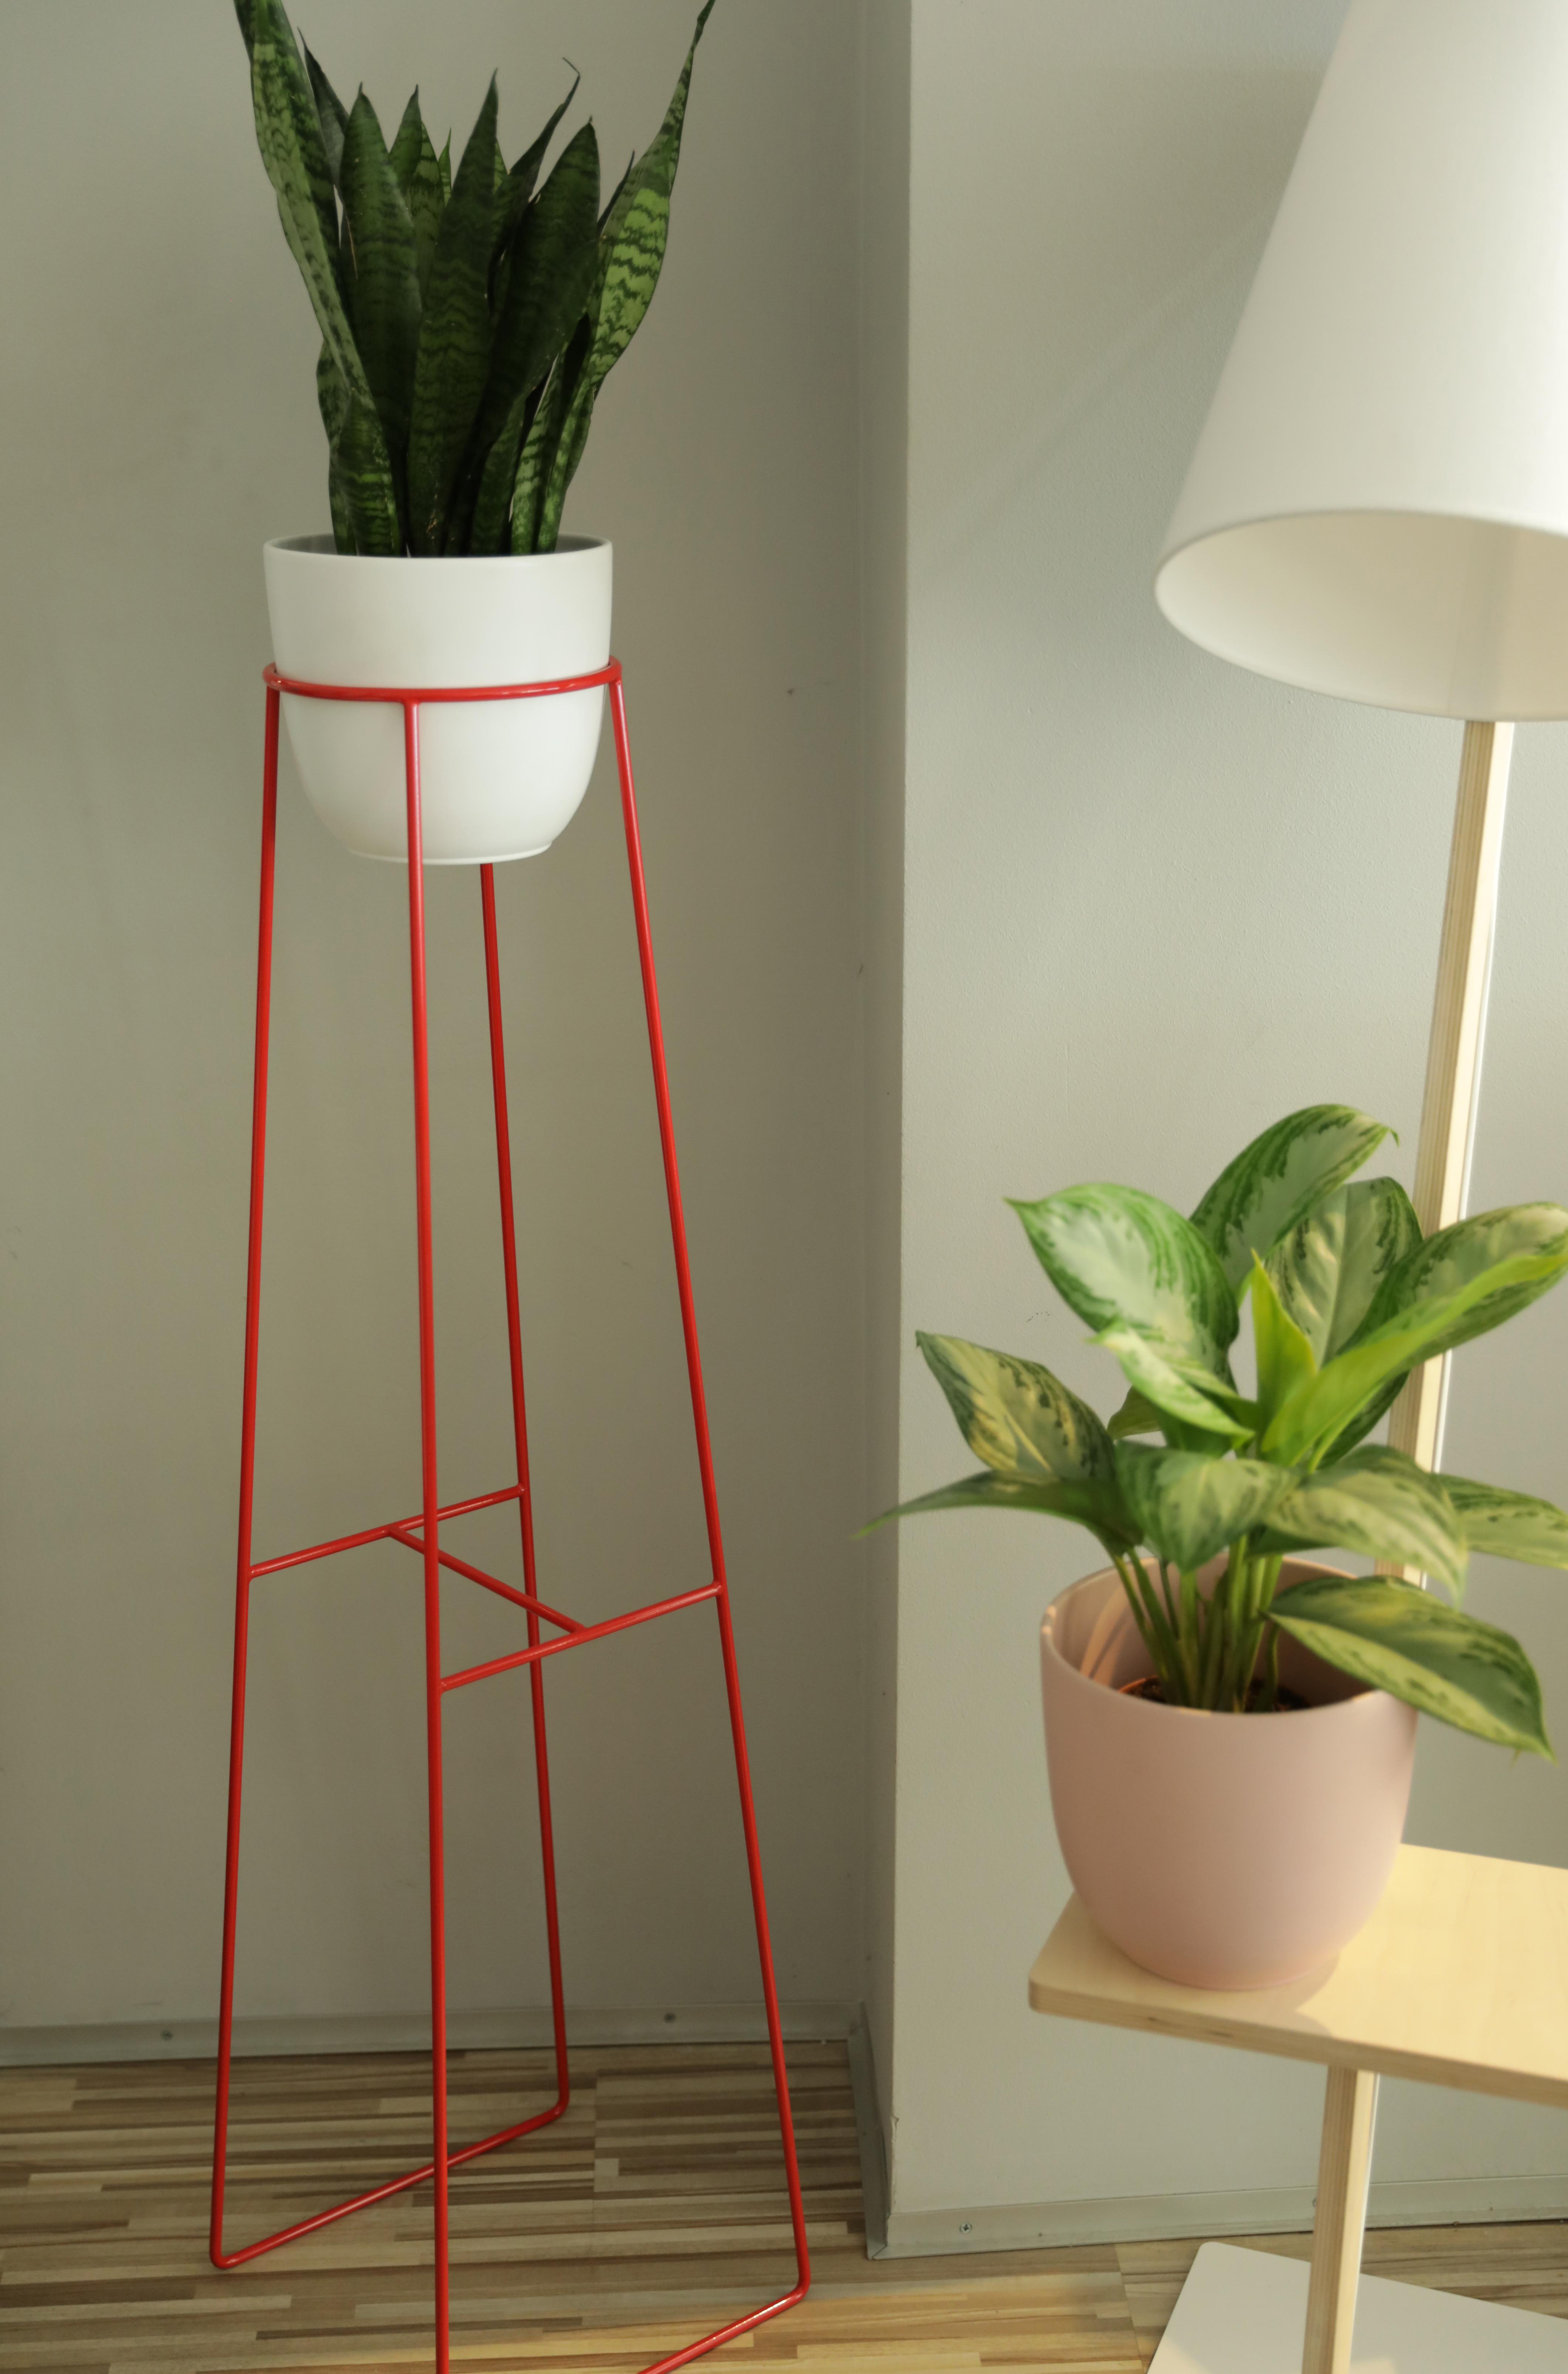 wysoki kwietnik, czerwony dodatek do salonu, czerwony element, kolorowy akcent w mieszkaniu